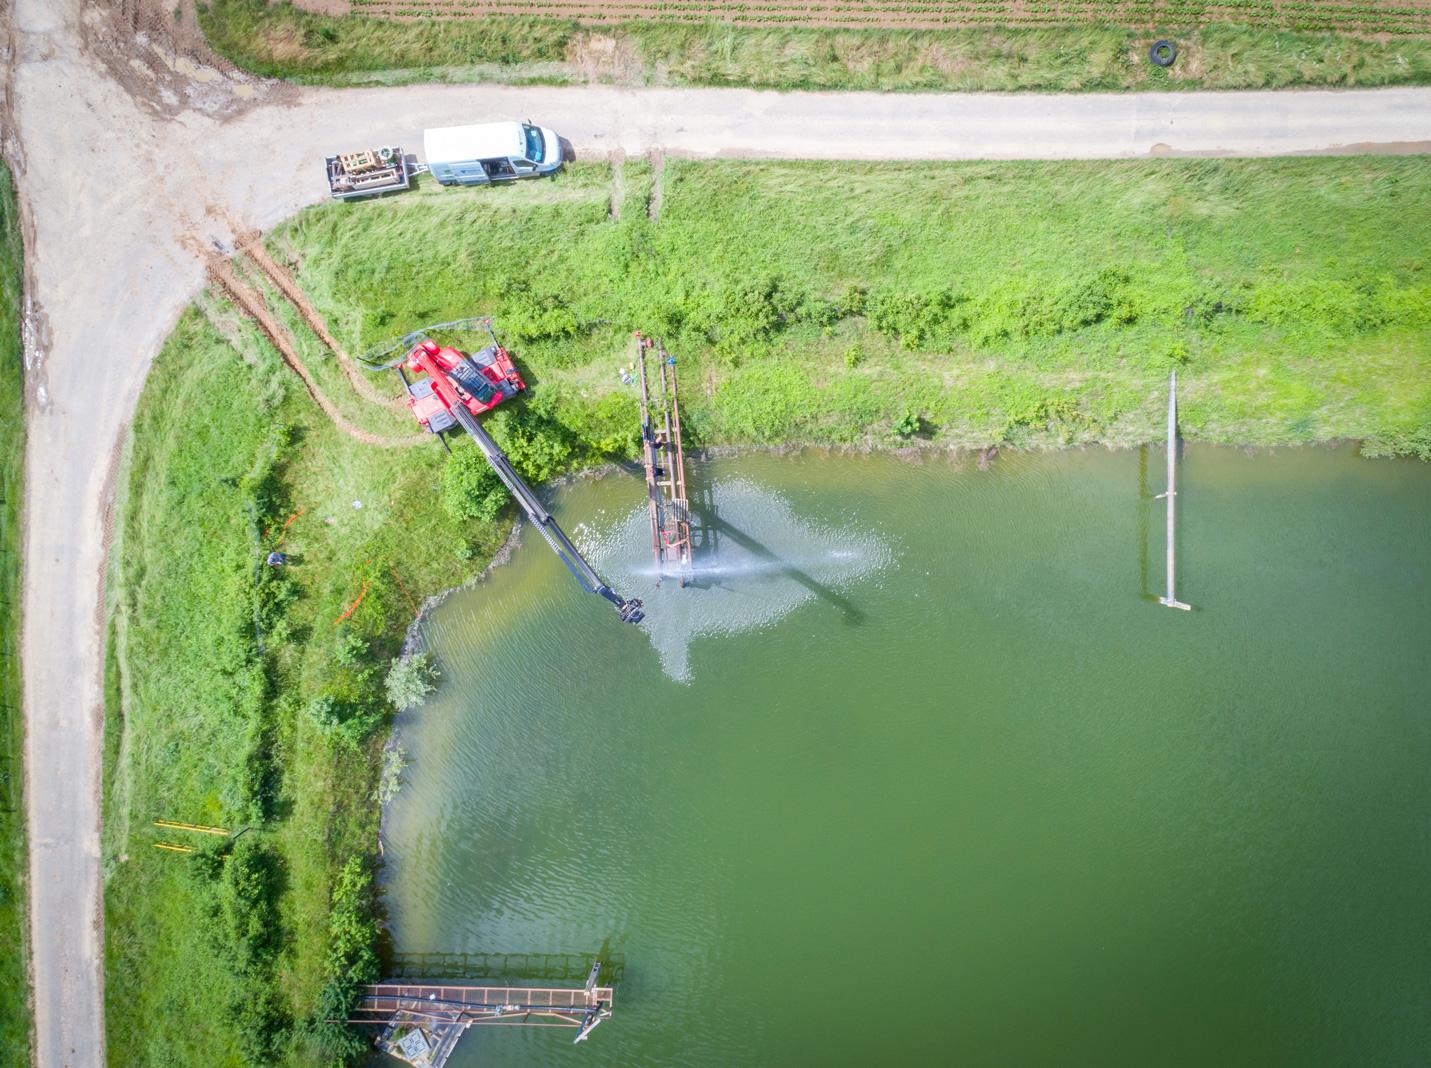 Mise en œuvre de la pompe d'irrigation au-dessus d'un bassin par la société Verhaeghe Irrigation